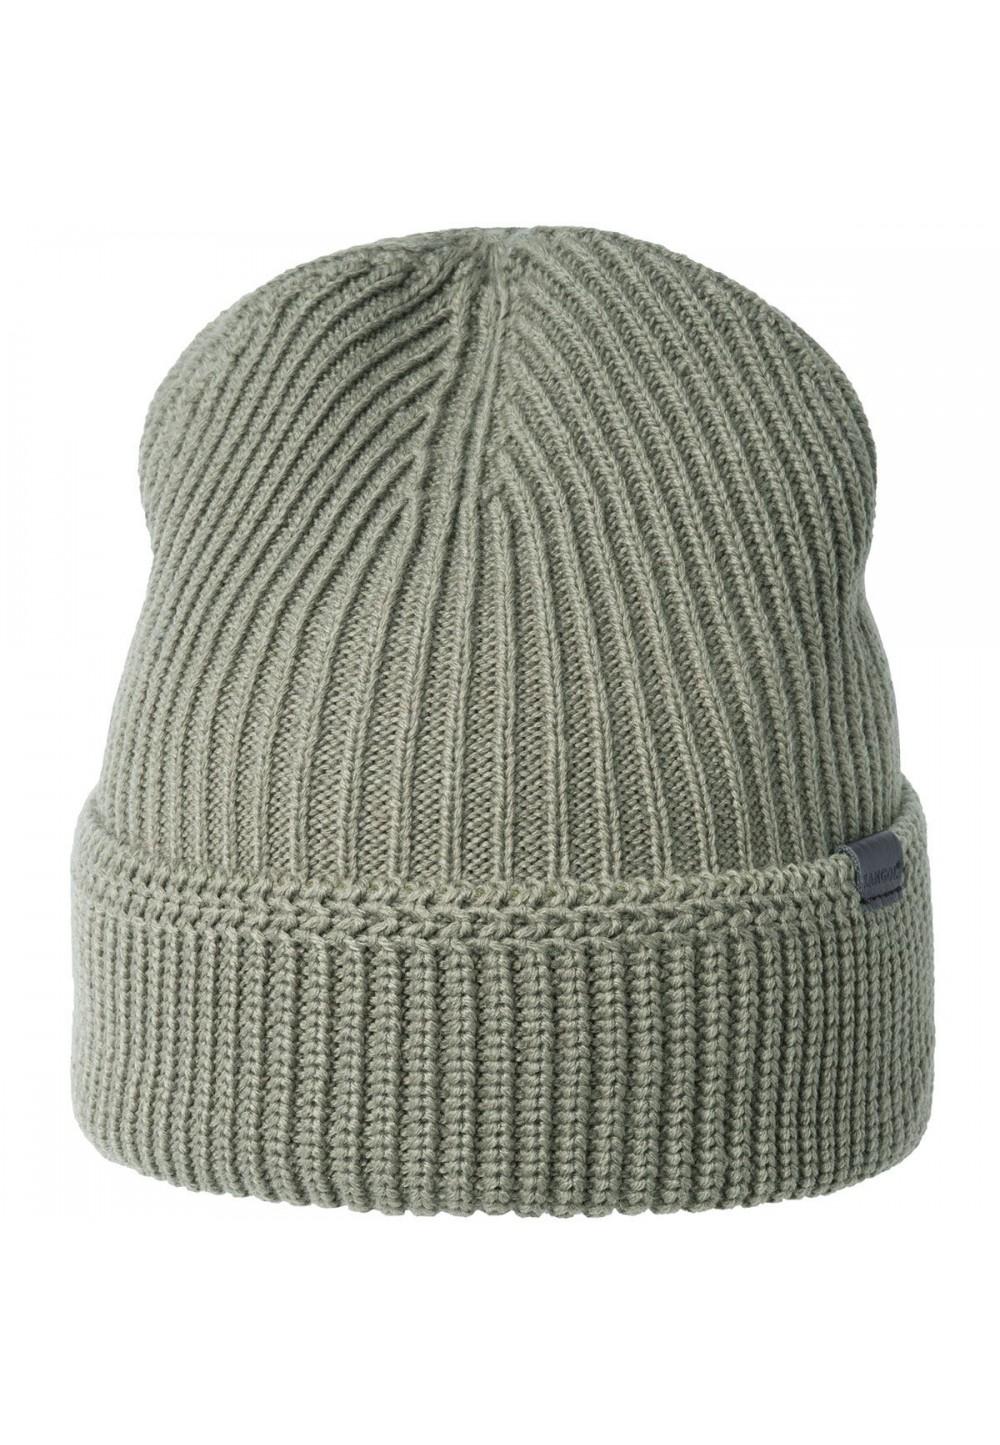 Аккуратная стильная шапка с манжетом